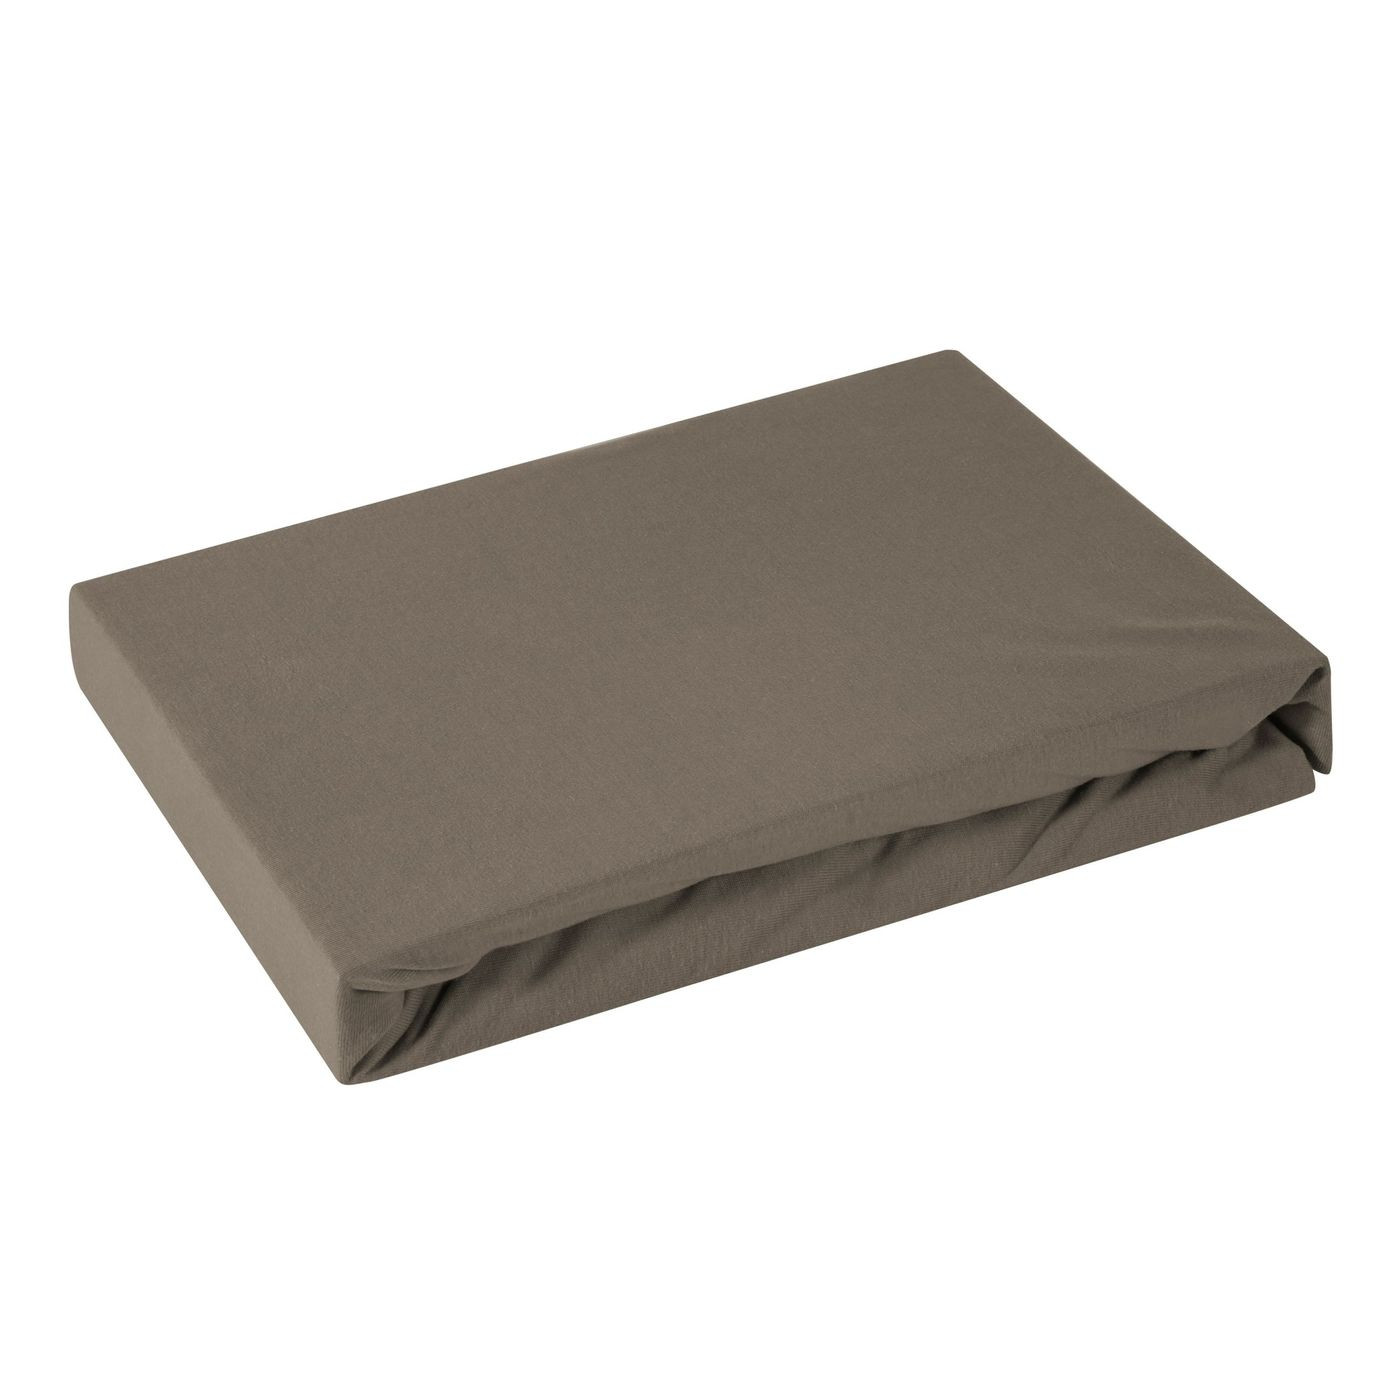 Prześcieradło bawełniane gładkie 180x200+25cm 160 kolor brązowy